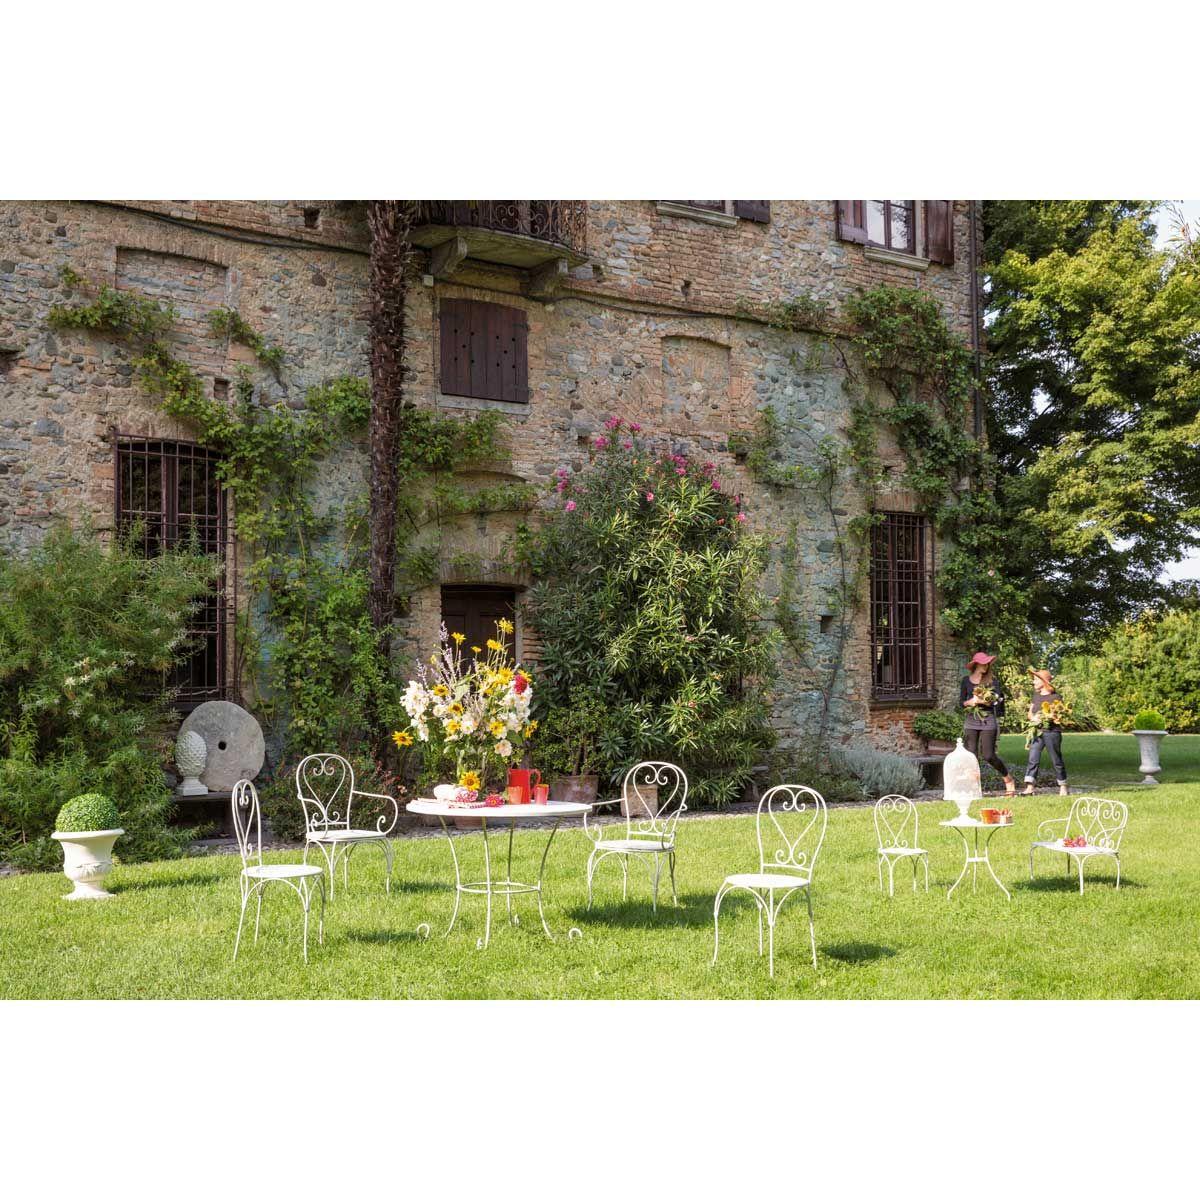 Fauteuil de jardin fer forg blanc saint germain meubles jardin garden pergola et party - Mobilier jardin blanc saint etienne ...